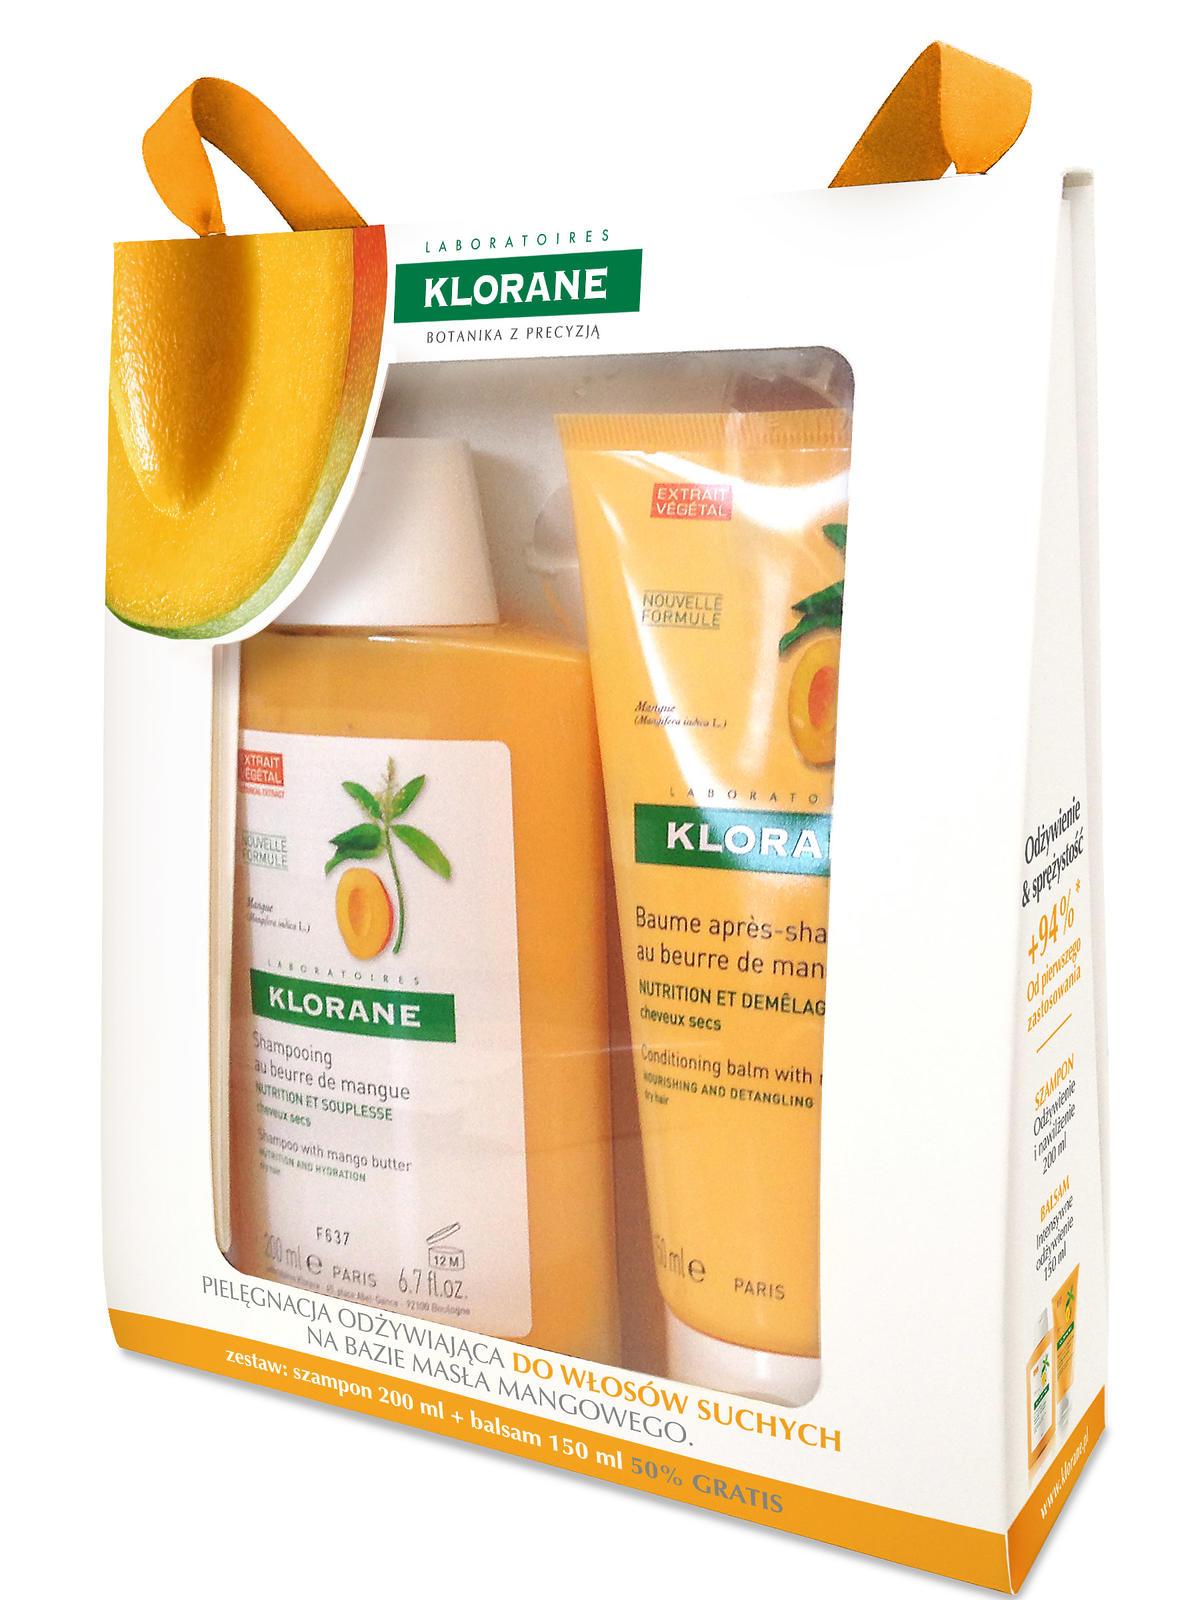 Zestaw do włosów suchych z masłem mangowym Klorane, 59zł